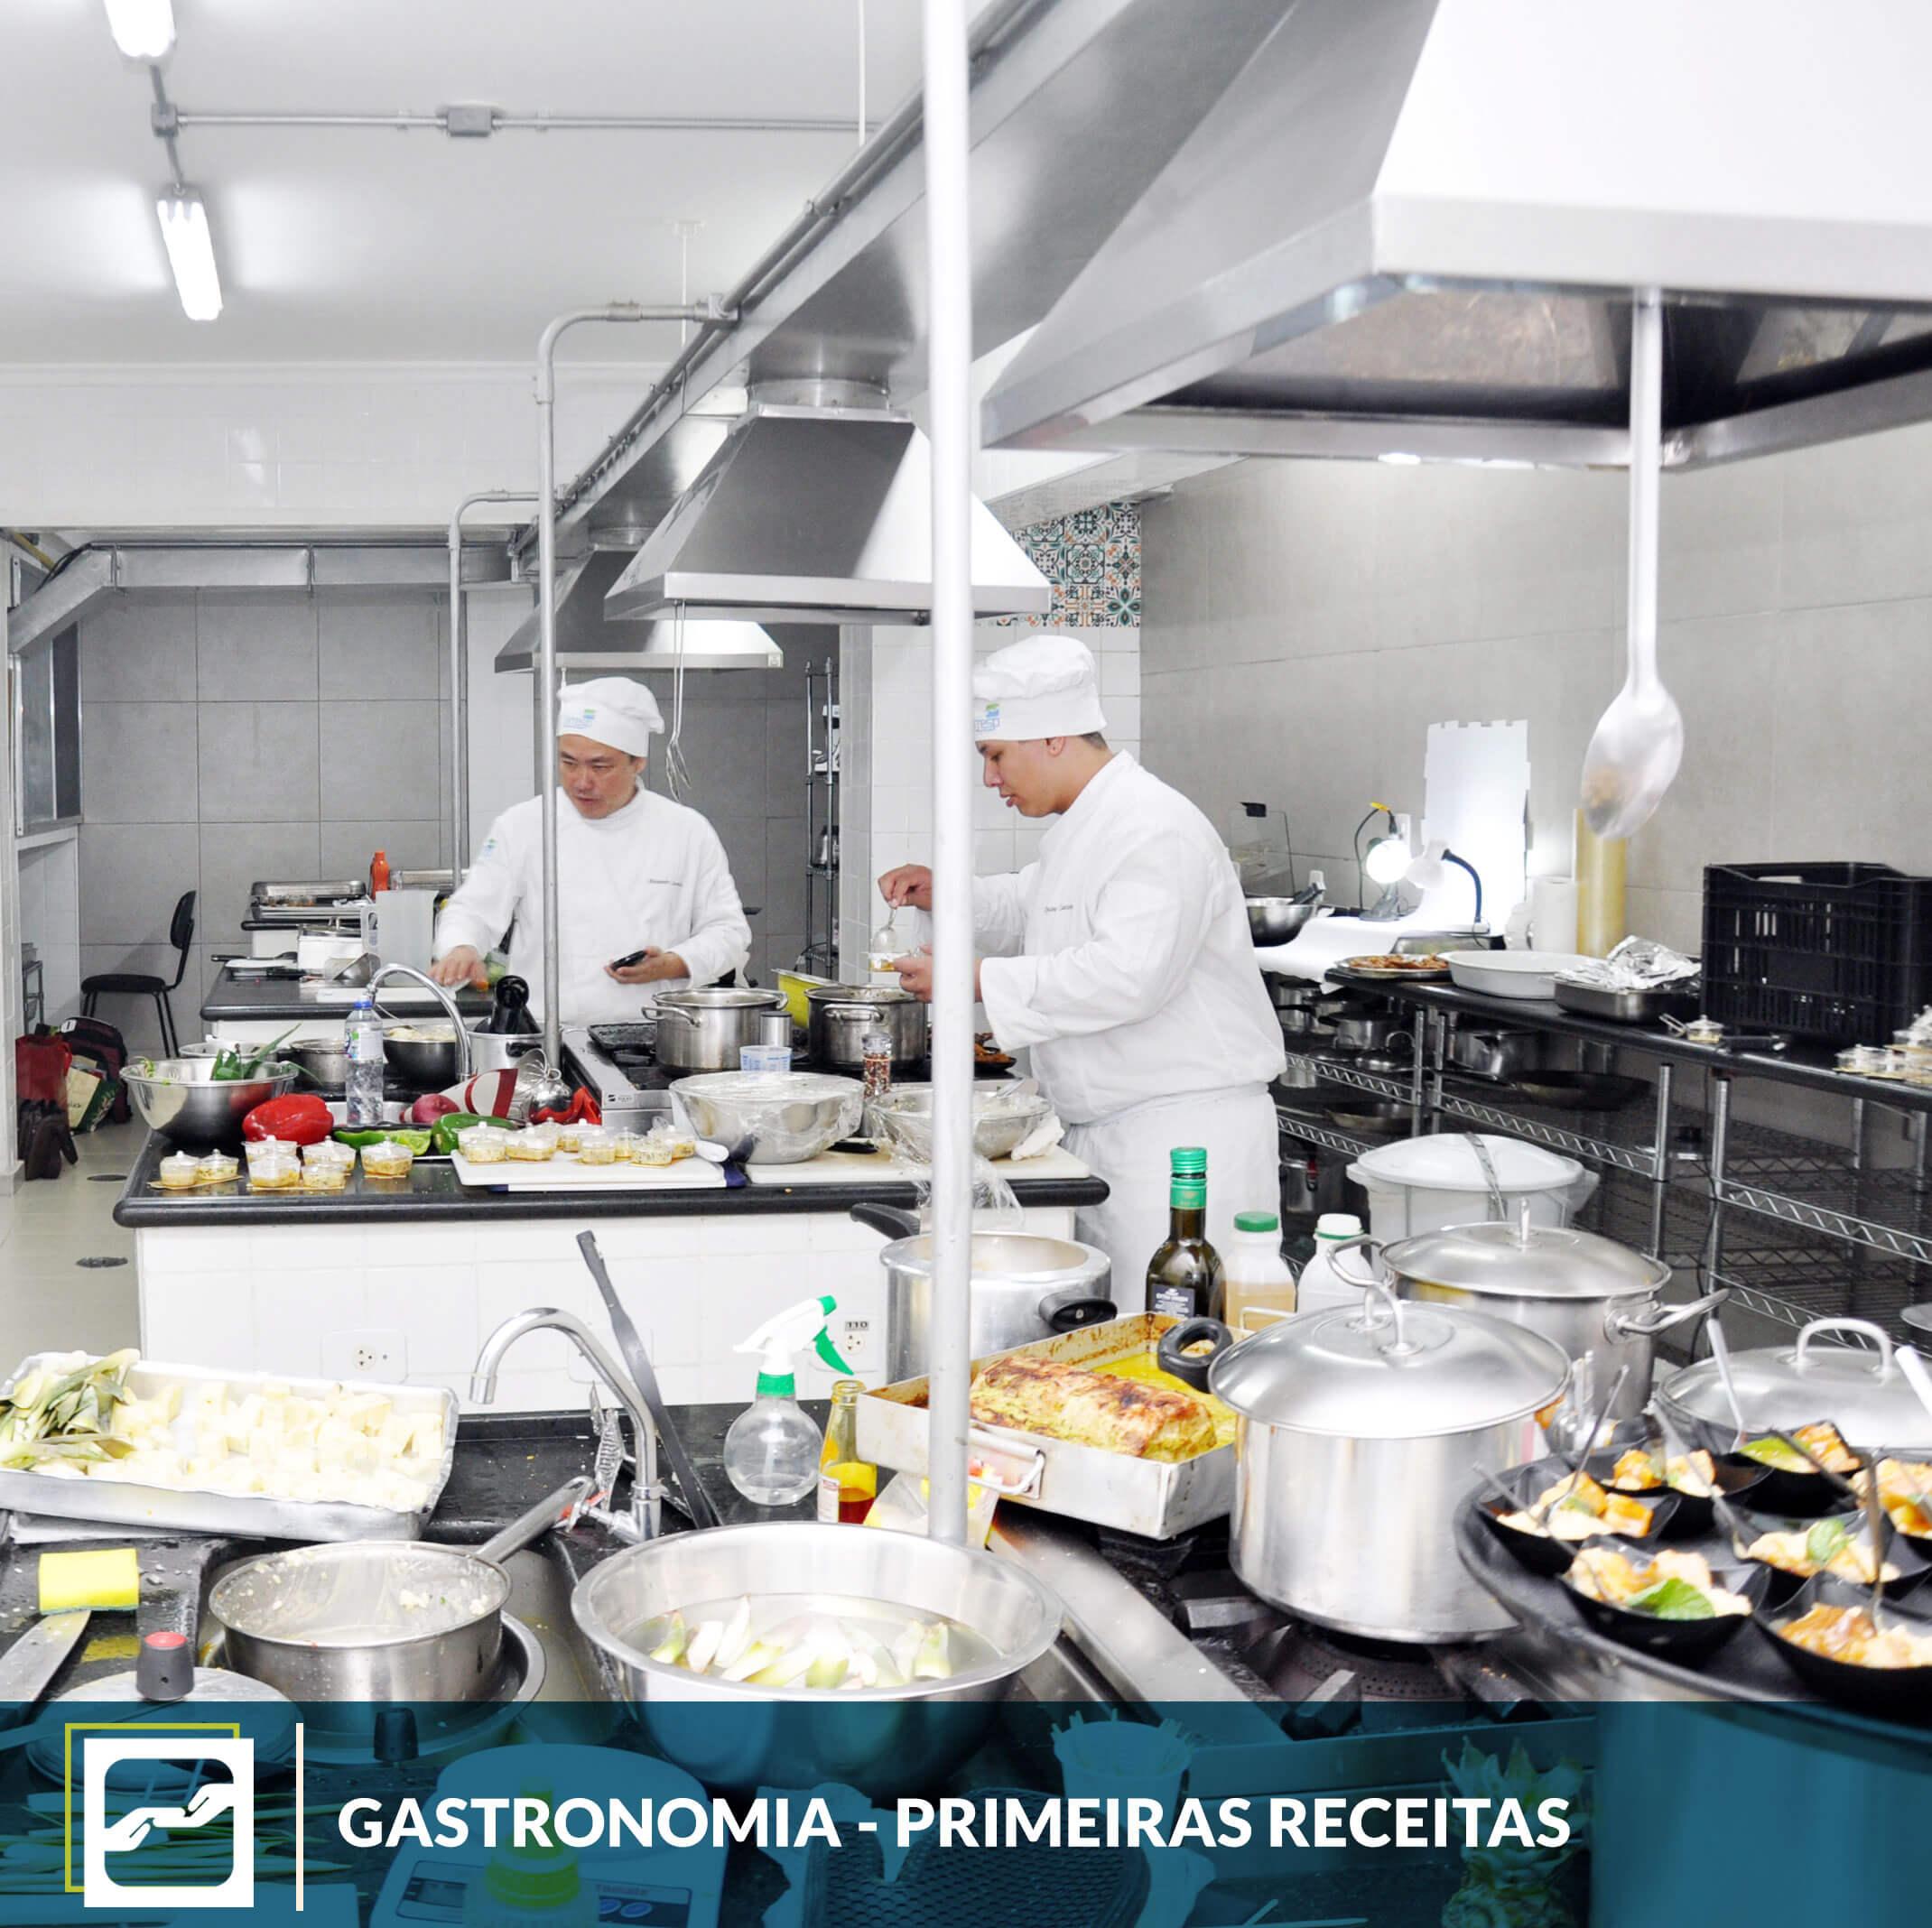 gastronomia-famesp-primeiras-receitas